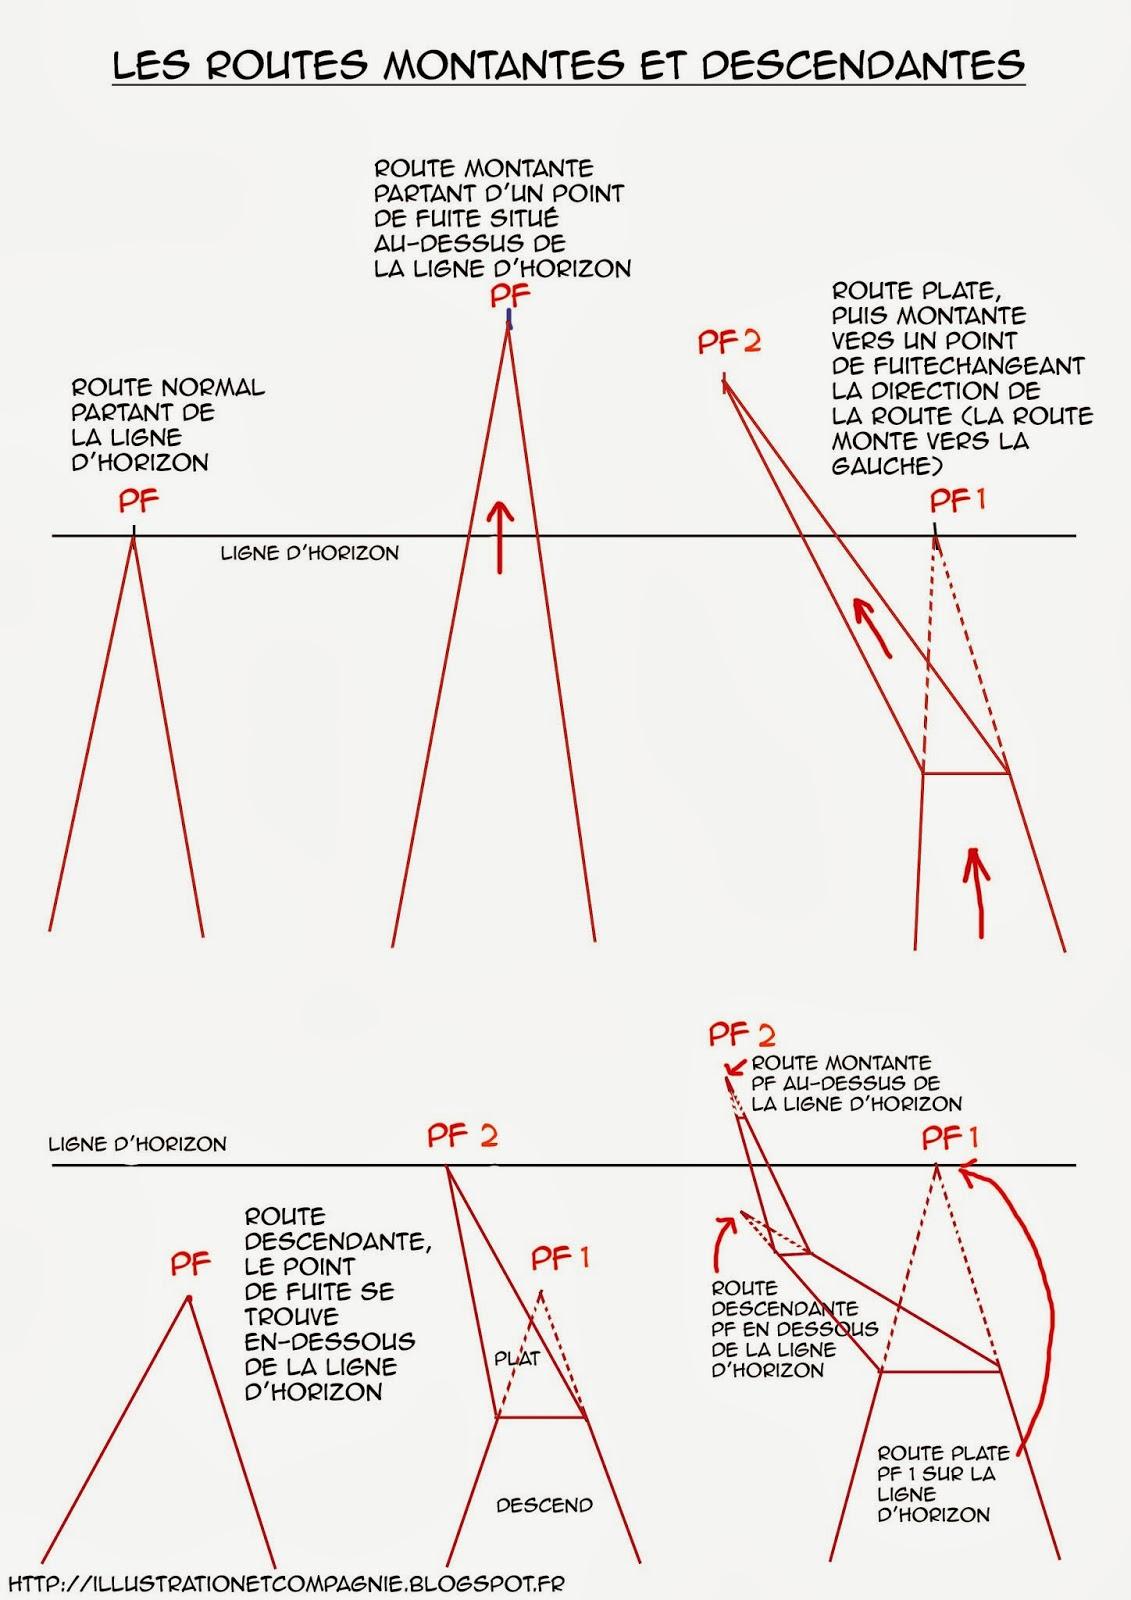 Dessin illustration strip perspective routes montantes et descendantes - Comment attenuer le bruit d une route ...